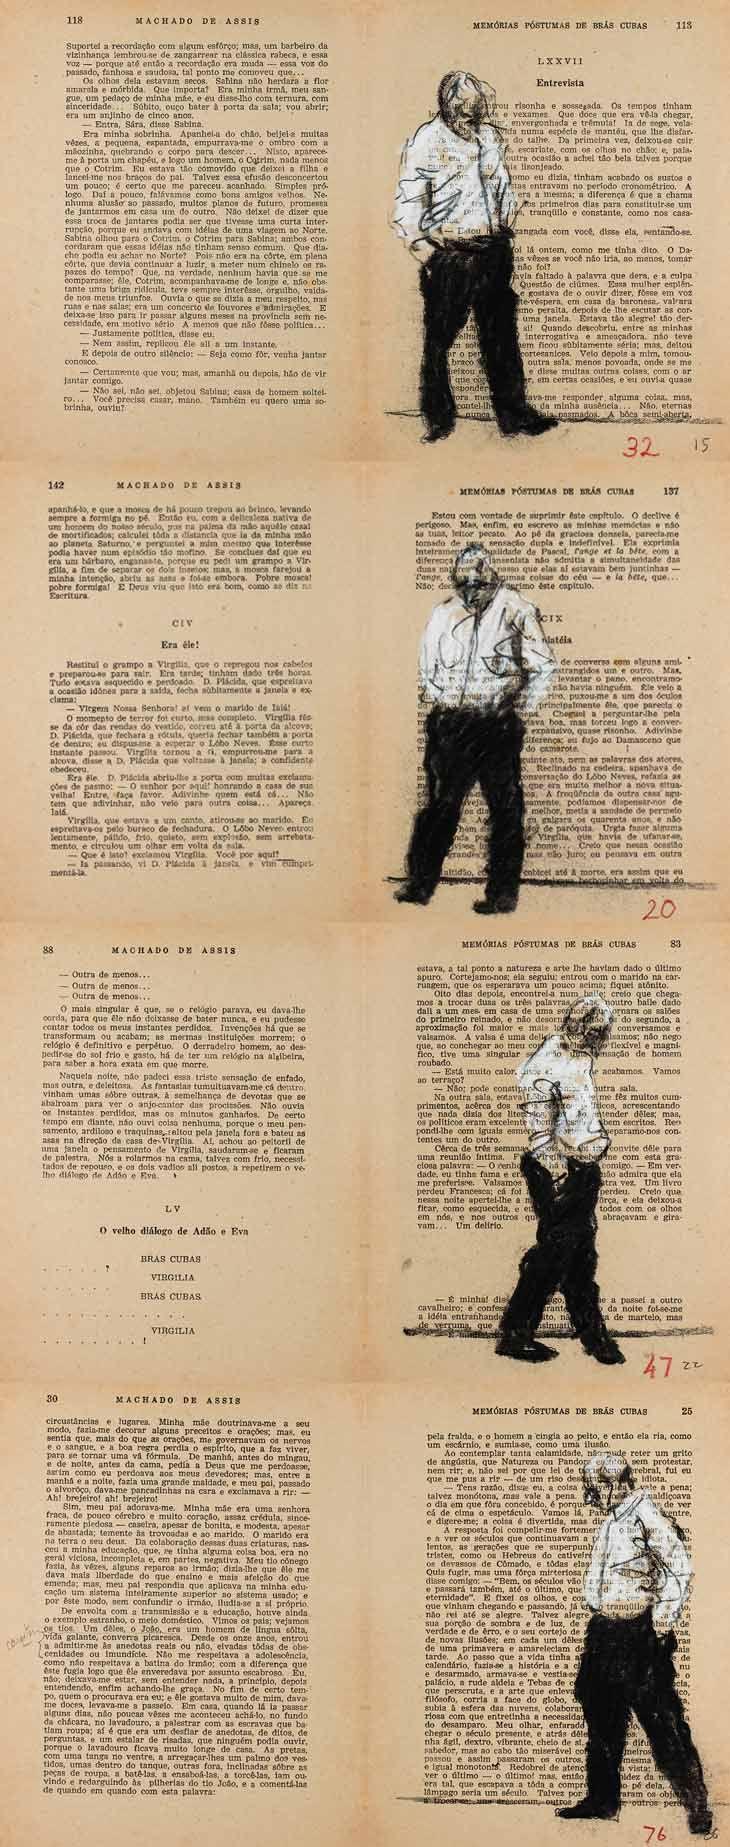 """Ilustração do livro """"Memórias Póstumas de Brás Cubas"""", de Machado de Assis, 2012. O artista utilizou técnicas como carvão, grafite e lápis de cor ou guache. O trabalho é interessante pois, em várias páginas, o artista faz um desenho contínuo, como se a figura representada estivesse mesmo no livro."""